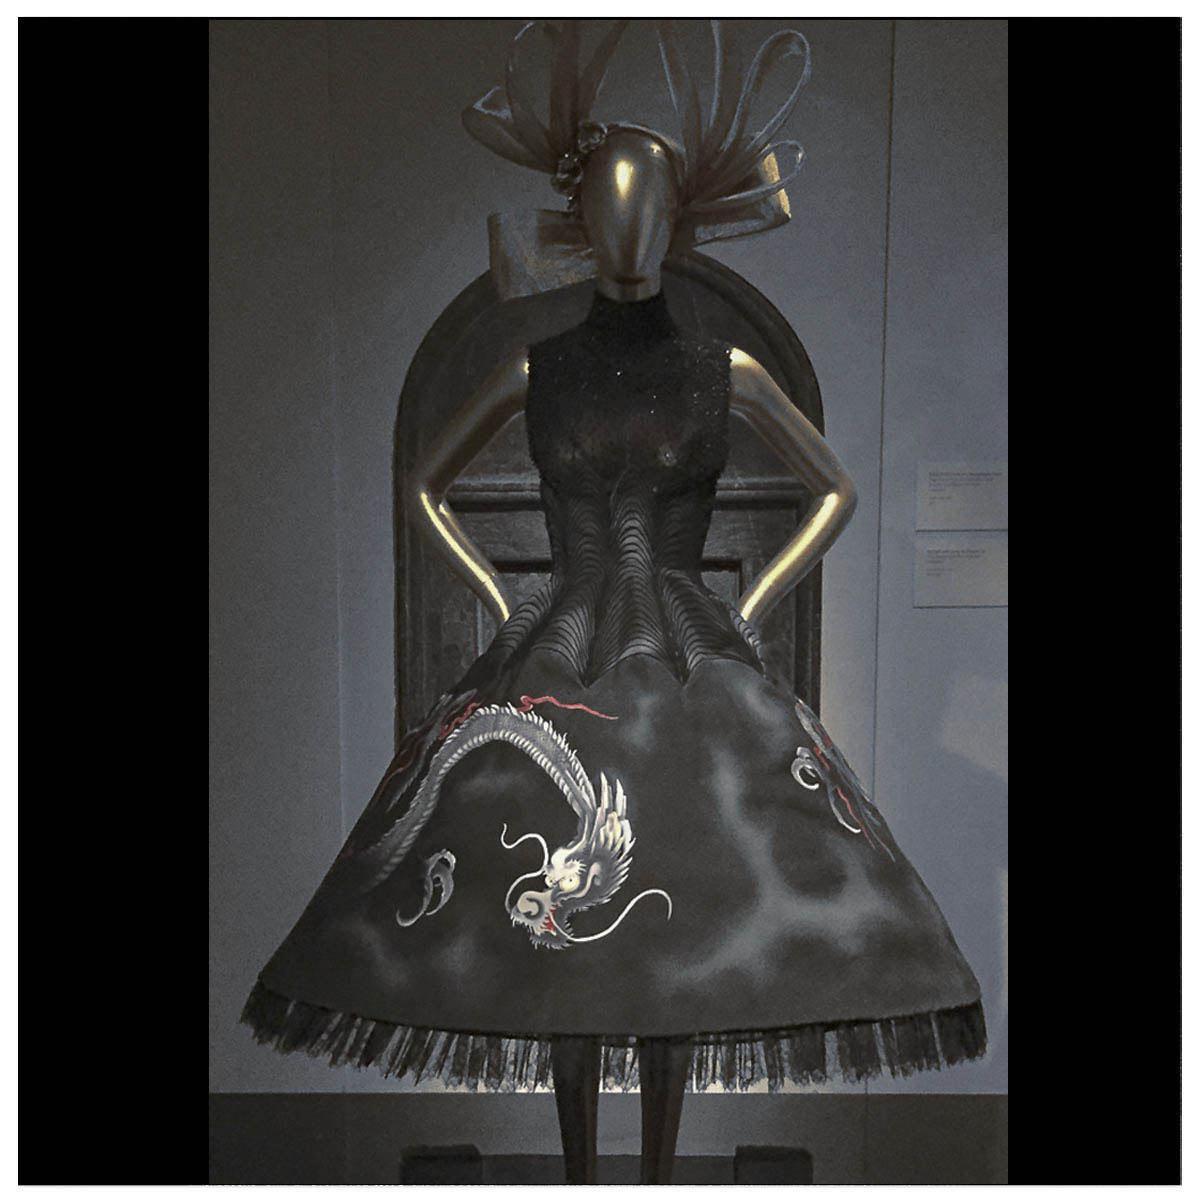 Givenchy Haute-Couture Défilé 1997 Styliste A. Mcqueen Aérographe sur tissu à plat